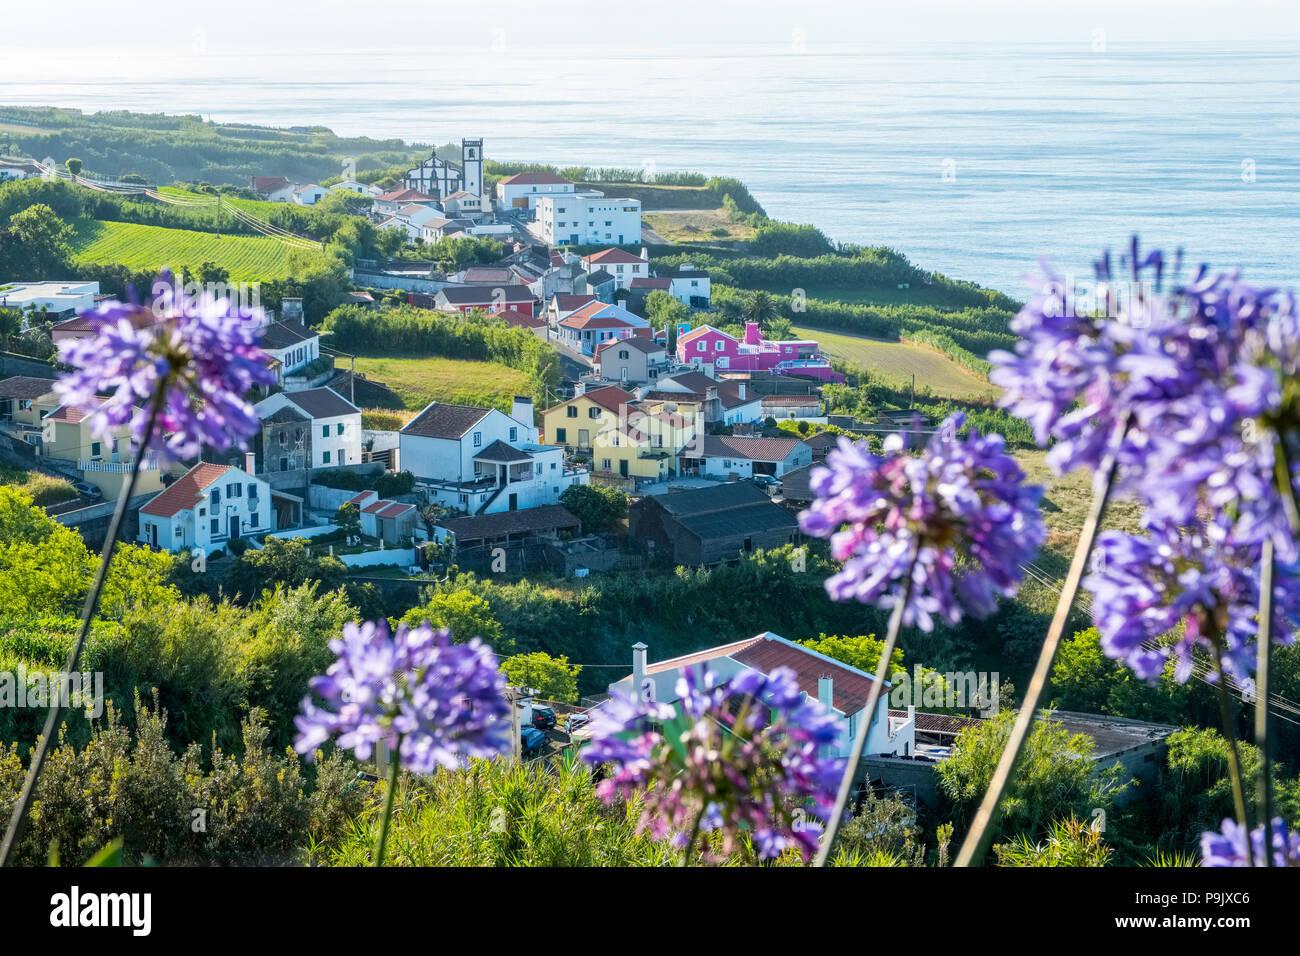 Paisaje típico de las Azores ; flores silvestres, Village, el mar. Sao Miguel, Azores Imagen De Stock